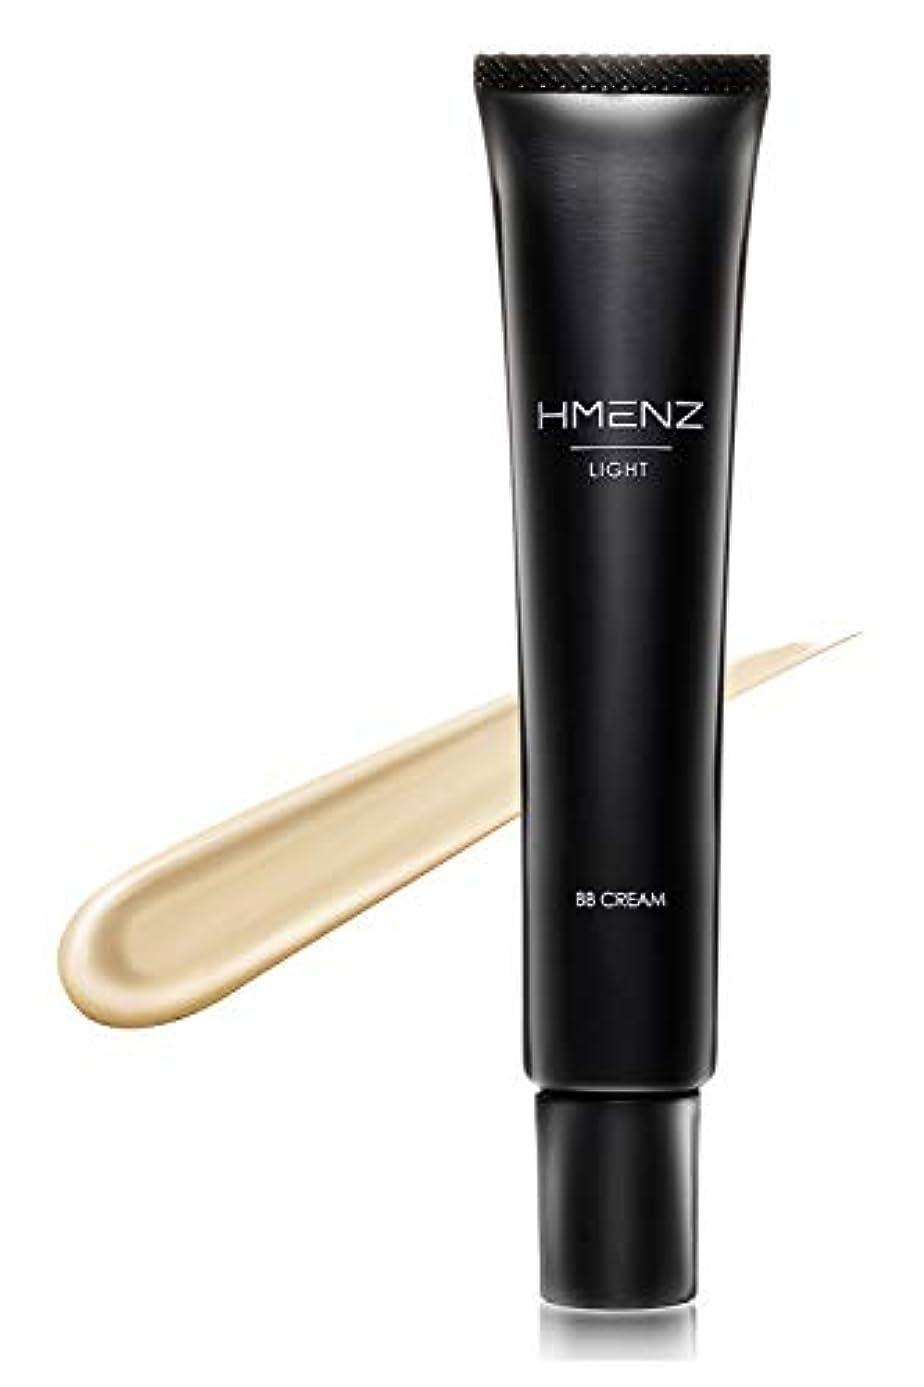 リゾート後継滴下【 コンシーラー メンズ ライトベージュ 】HMENZ メンズ BBクリーム 色白 明るい肌 『 テカリ防止 皮脂吸着パウダー 配合 』 (日焼け止め SPF50+ PA++++ シミ くま ニキビ隠し ファンデーション)25g